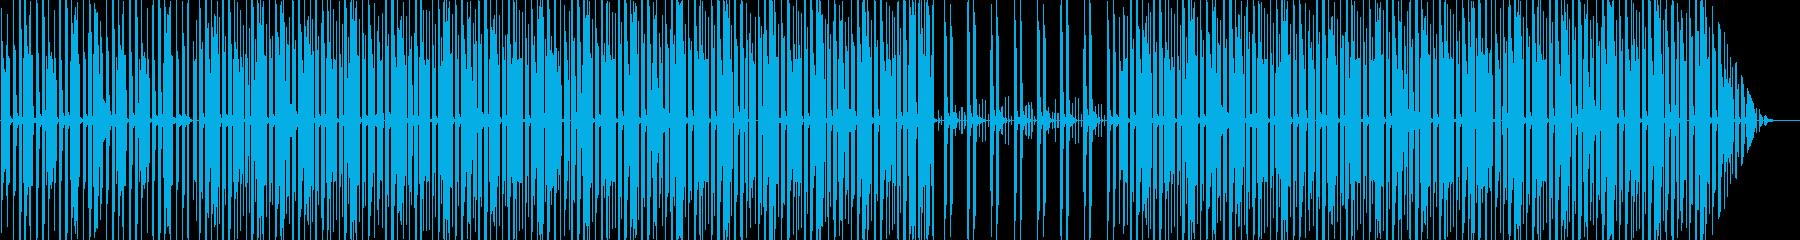 不気味でおしゃれなエレビサウンドの再生済みの波形